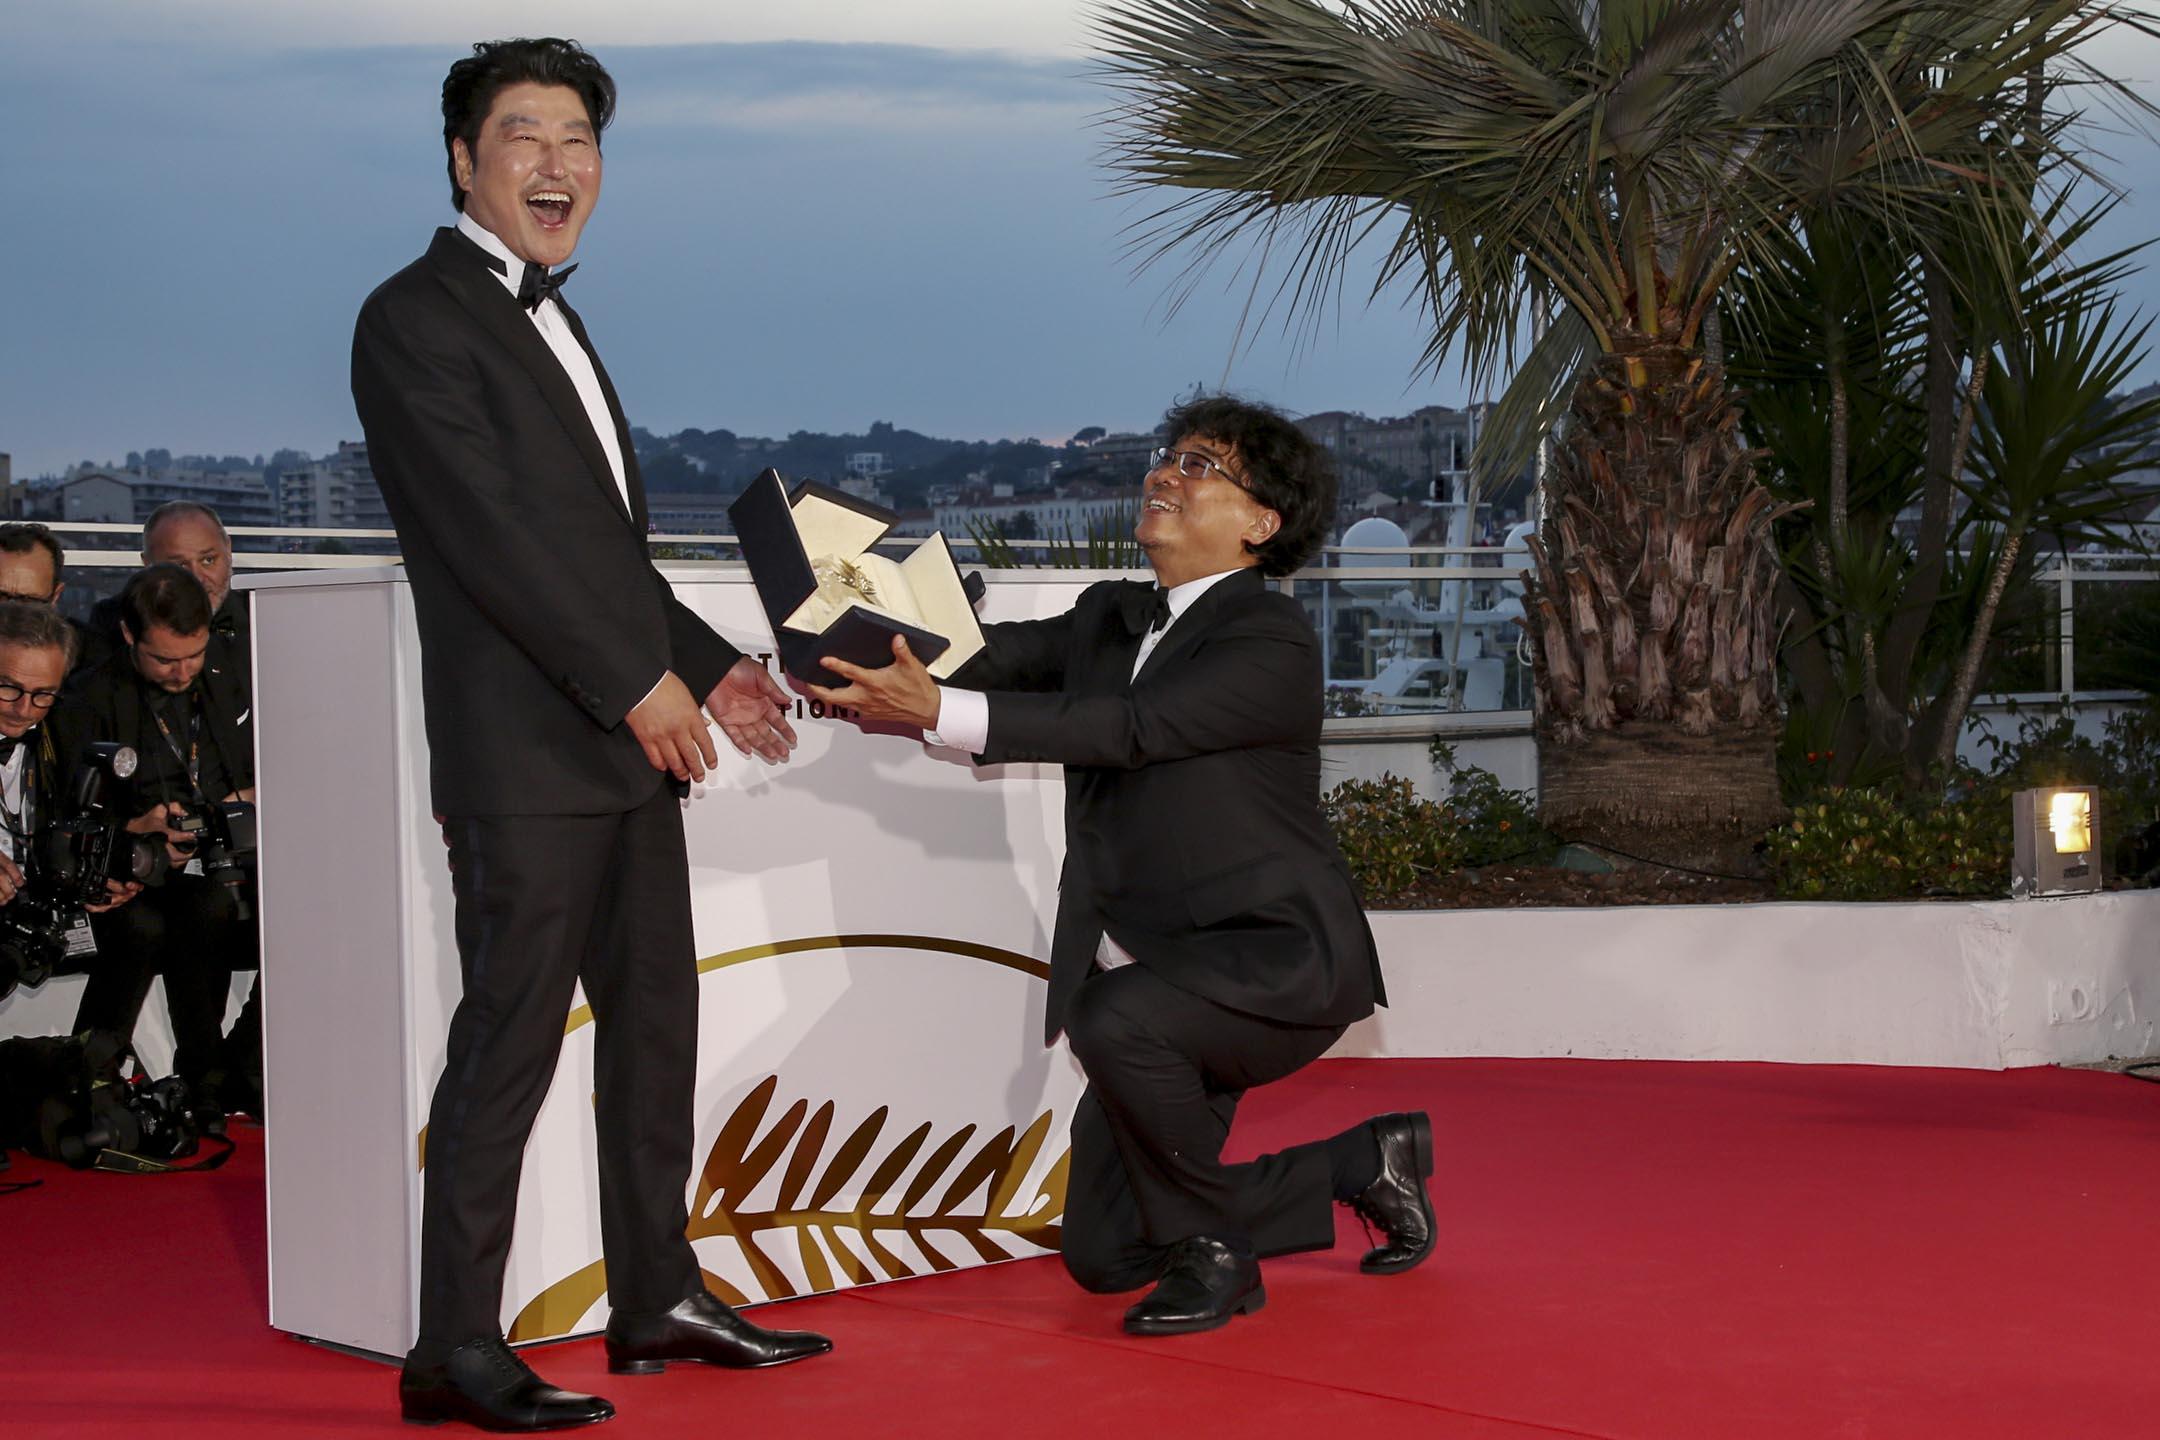 「第72屆康城影展」公布得獎名單,南韓電影《寄生上流》勇奪最高榮譽金棕櫚獎,導演奉俊昊(右)把金棕櫚獎獻給電影男主角宋康昊。 圖:IC photo